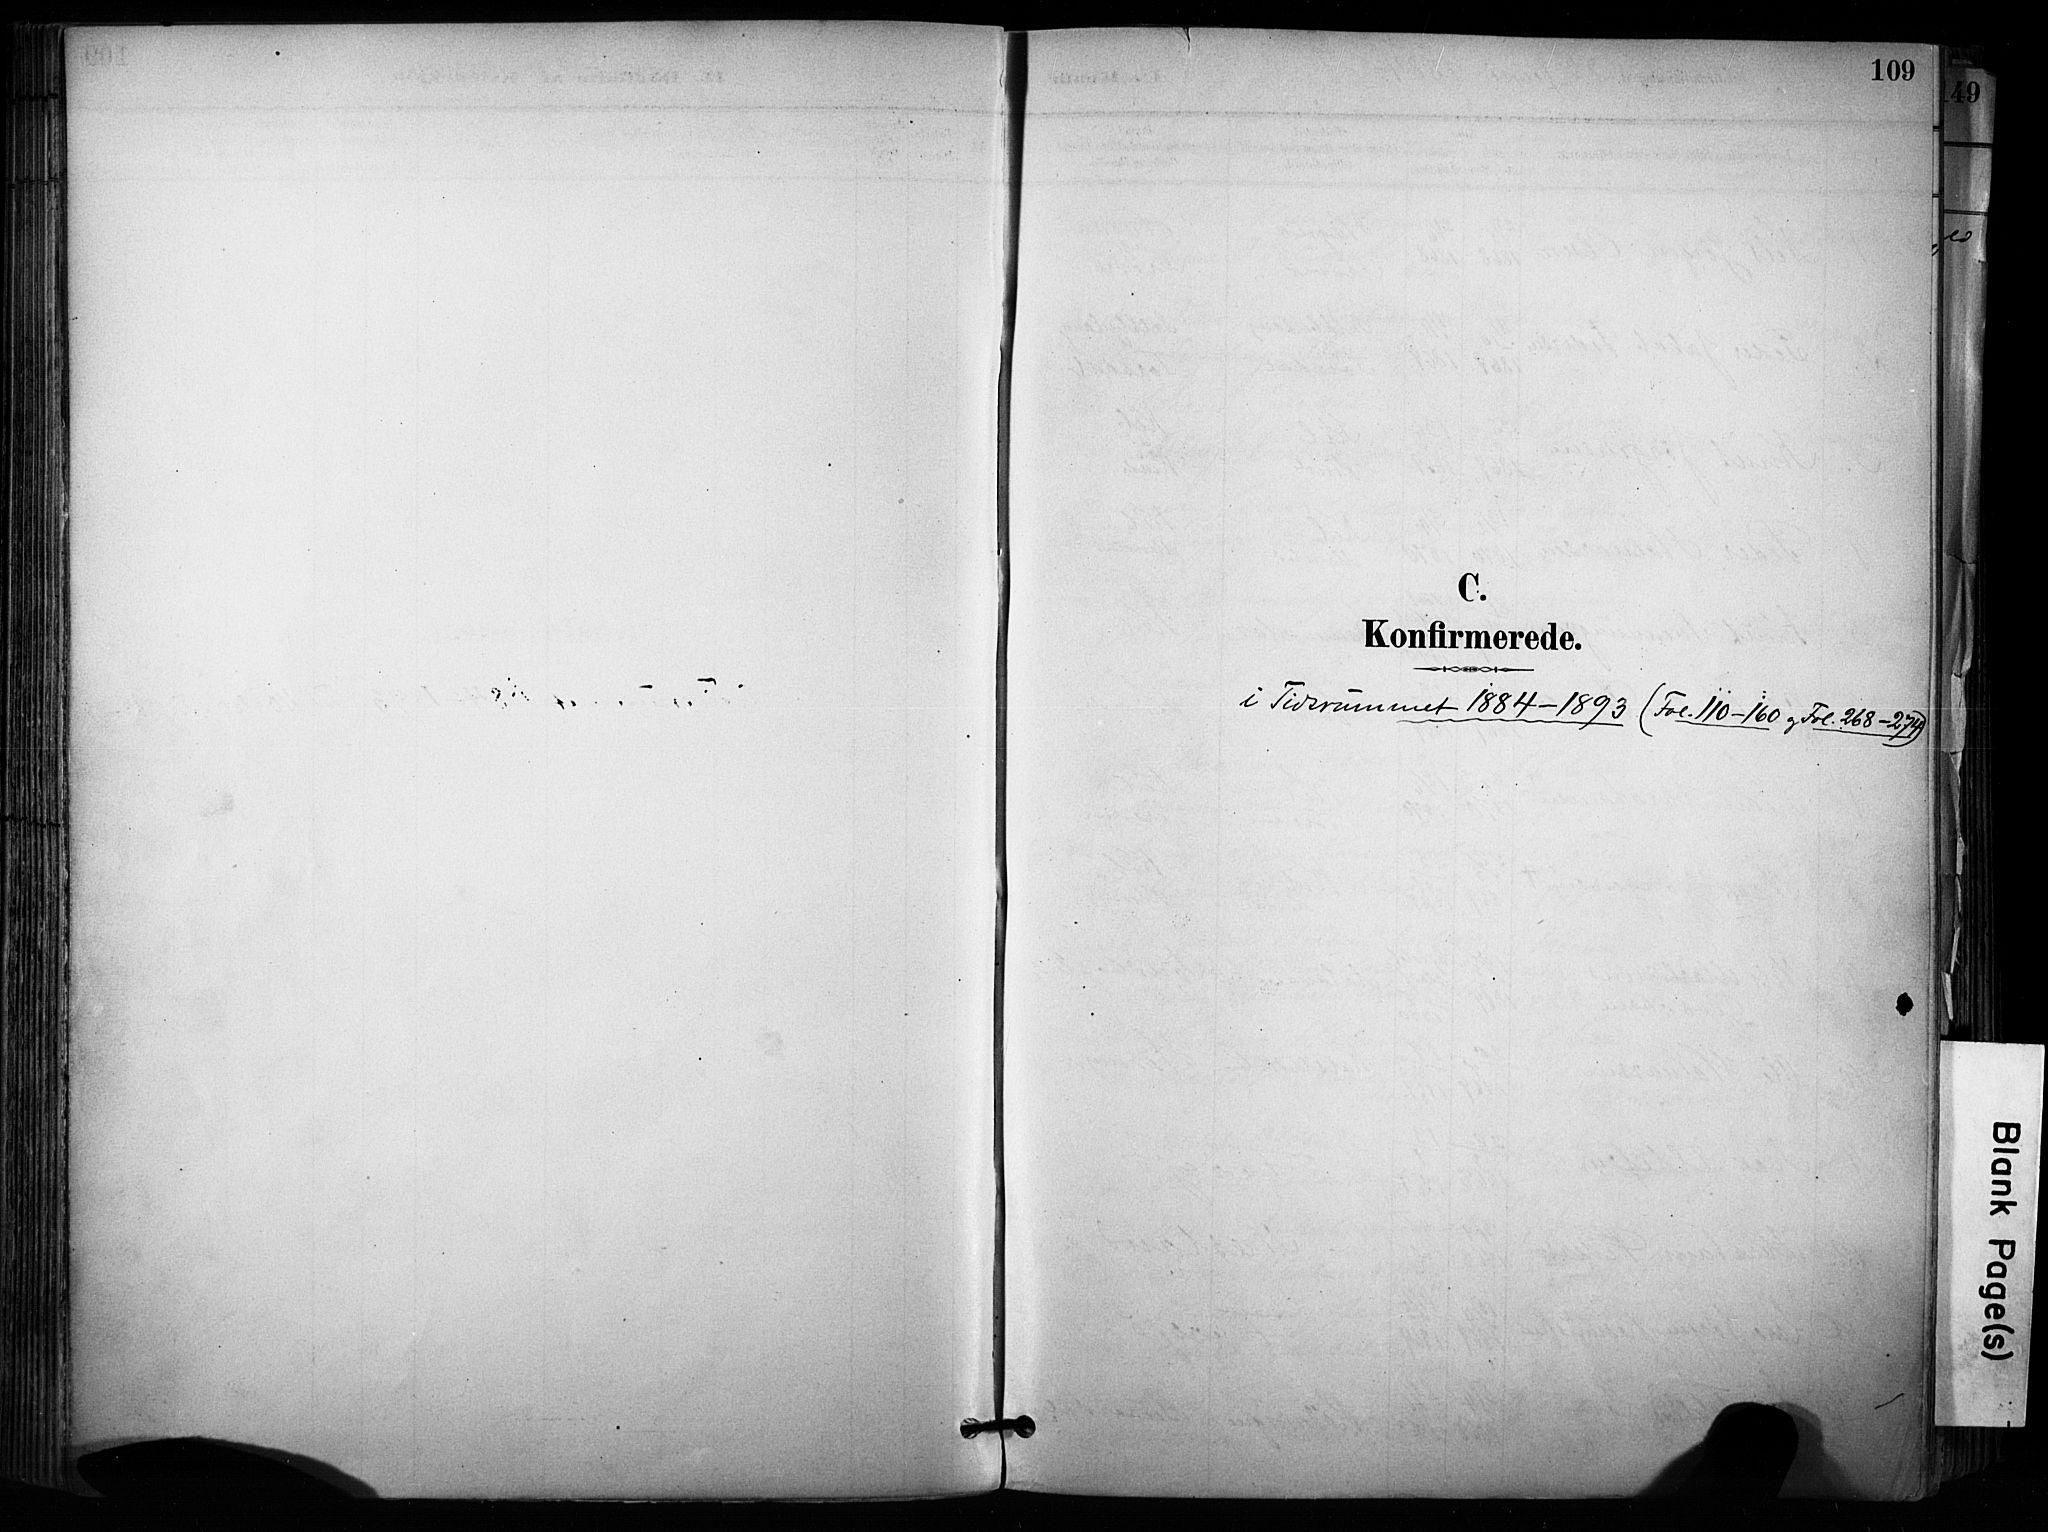 SAKO, Sannidal kirkebøker, F/Fa/L0015: Ministerialbok nr. 15, 1884-1899, s. 109